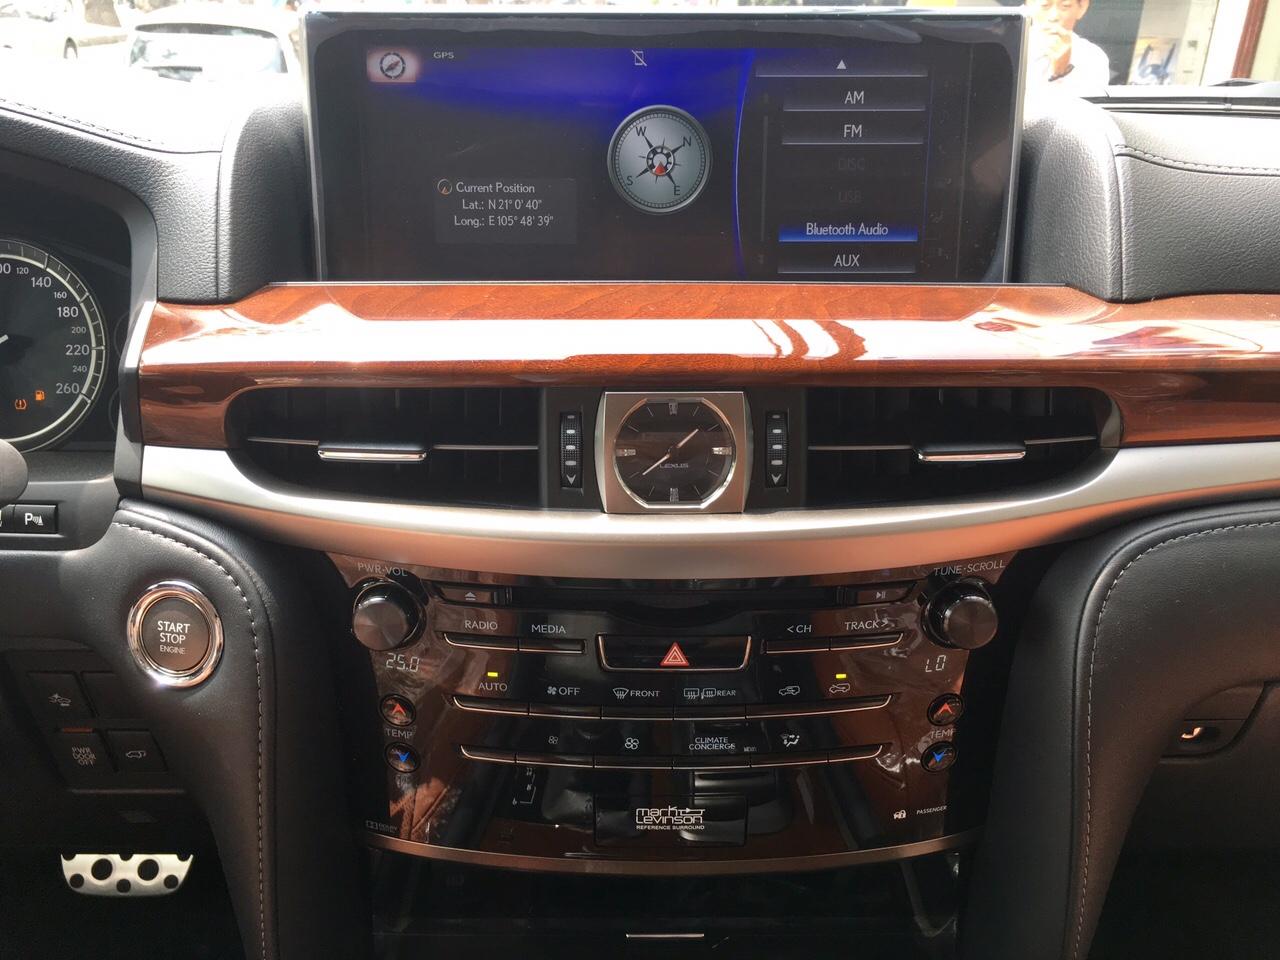 hệ thống tiện nghi cơ bản của Lexus LX570 Super Sport 2019